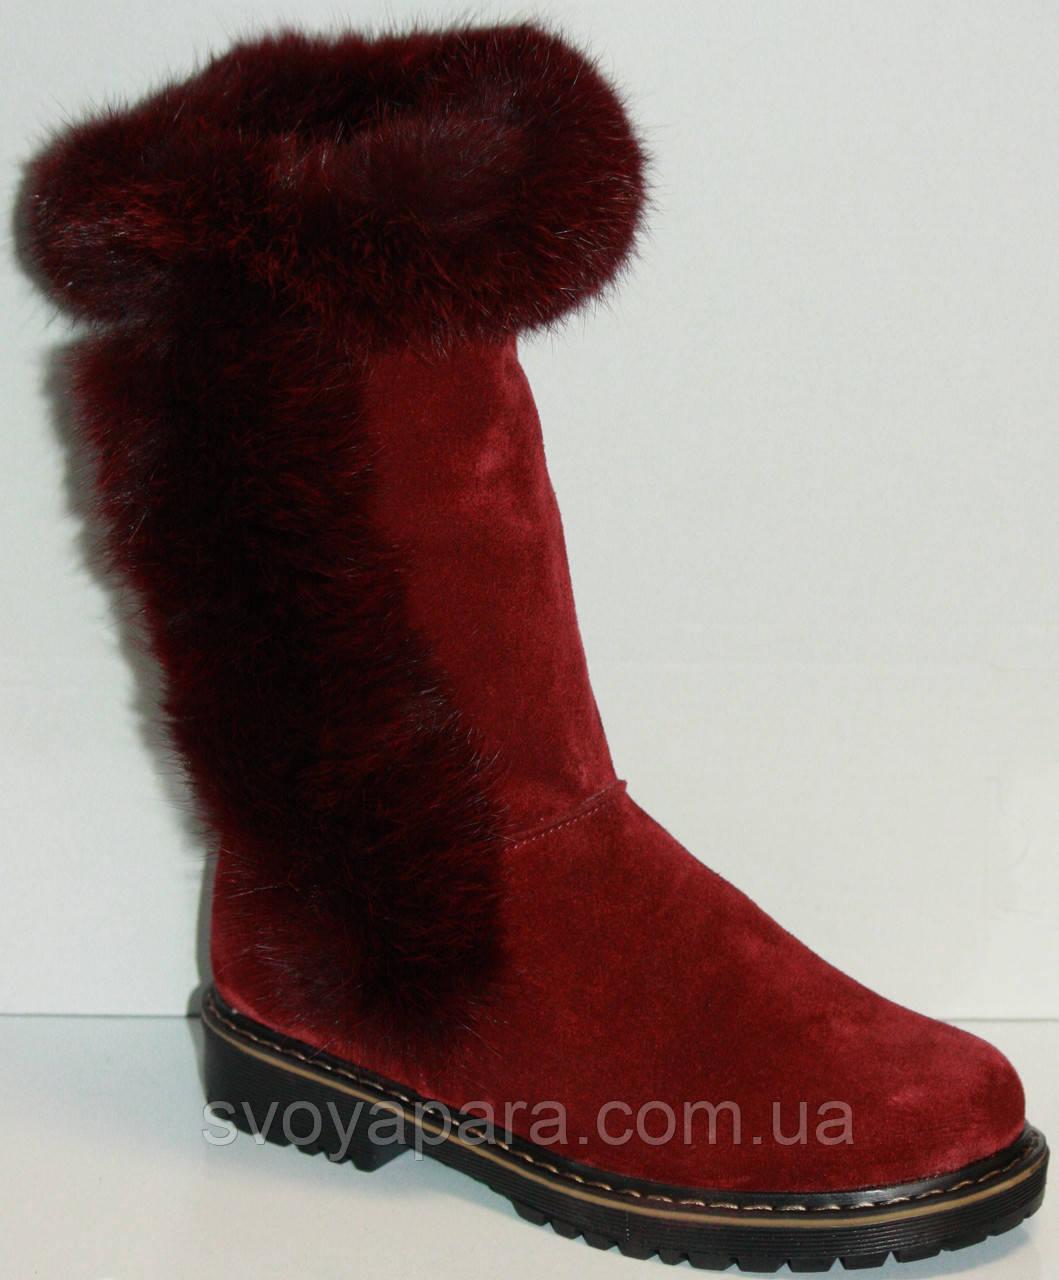 Сапоги зимние для девочек бордовые замшевые (0050)